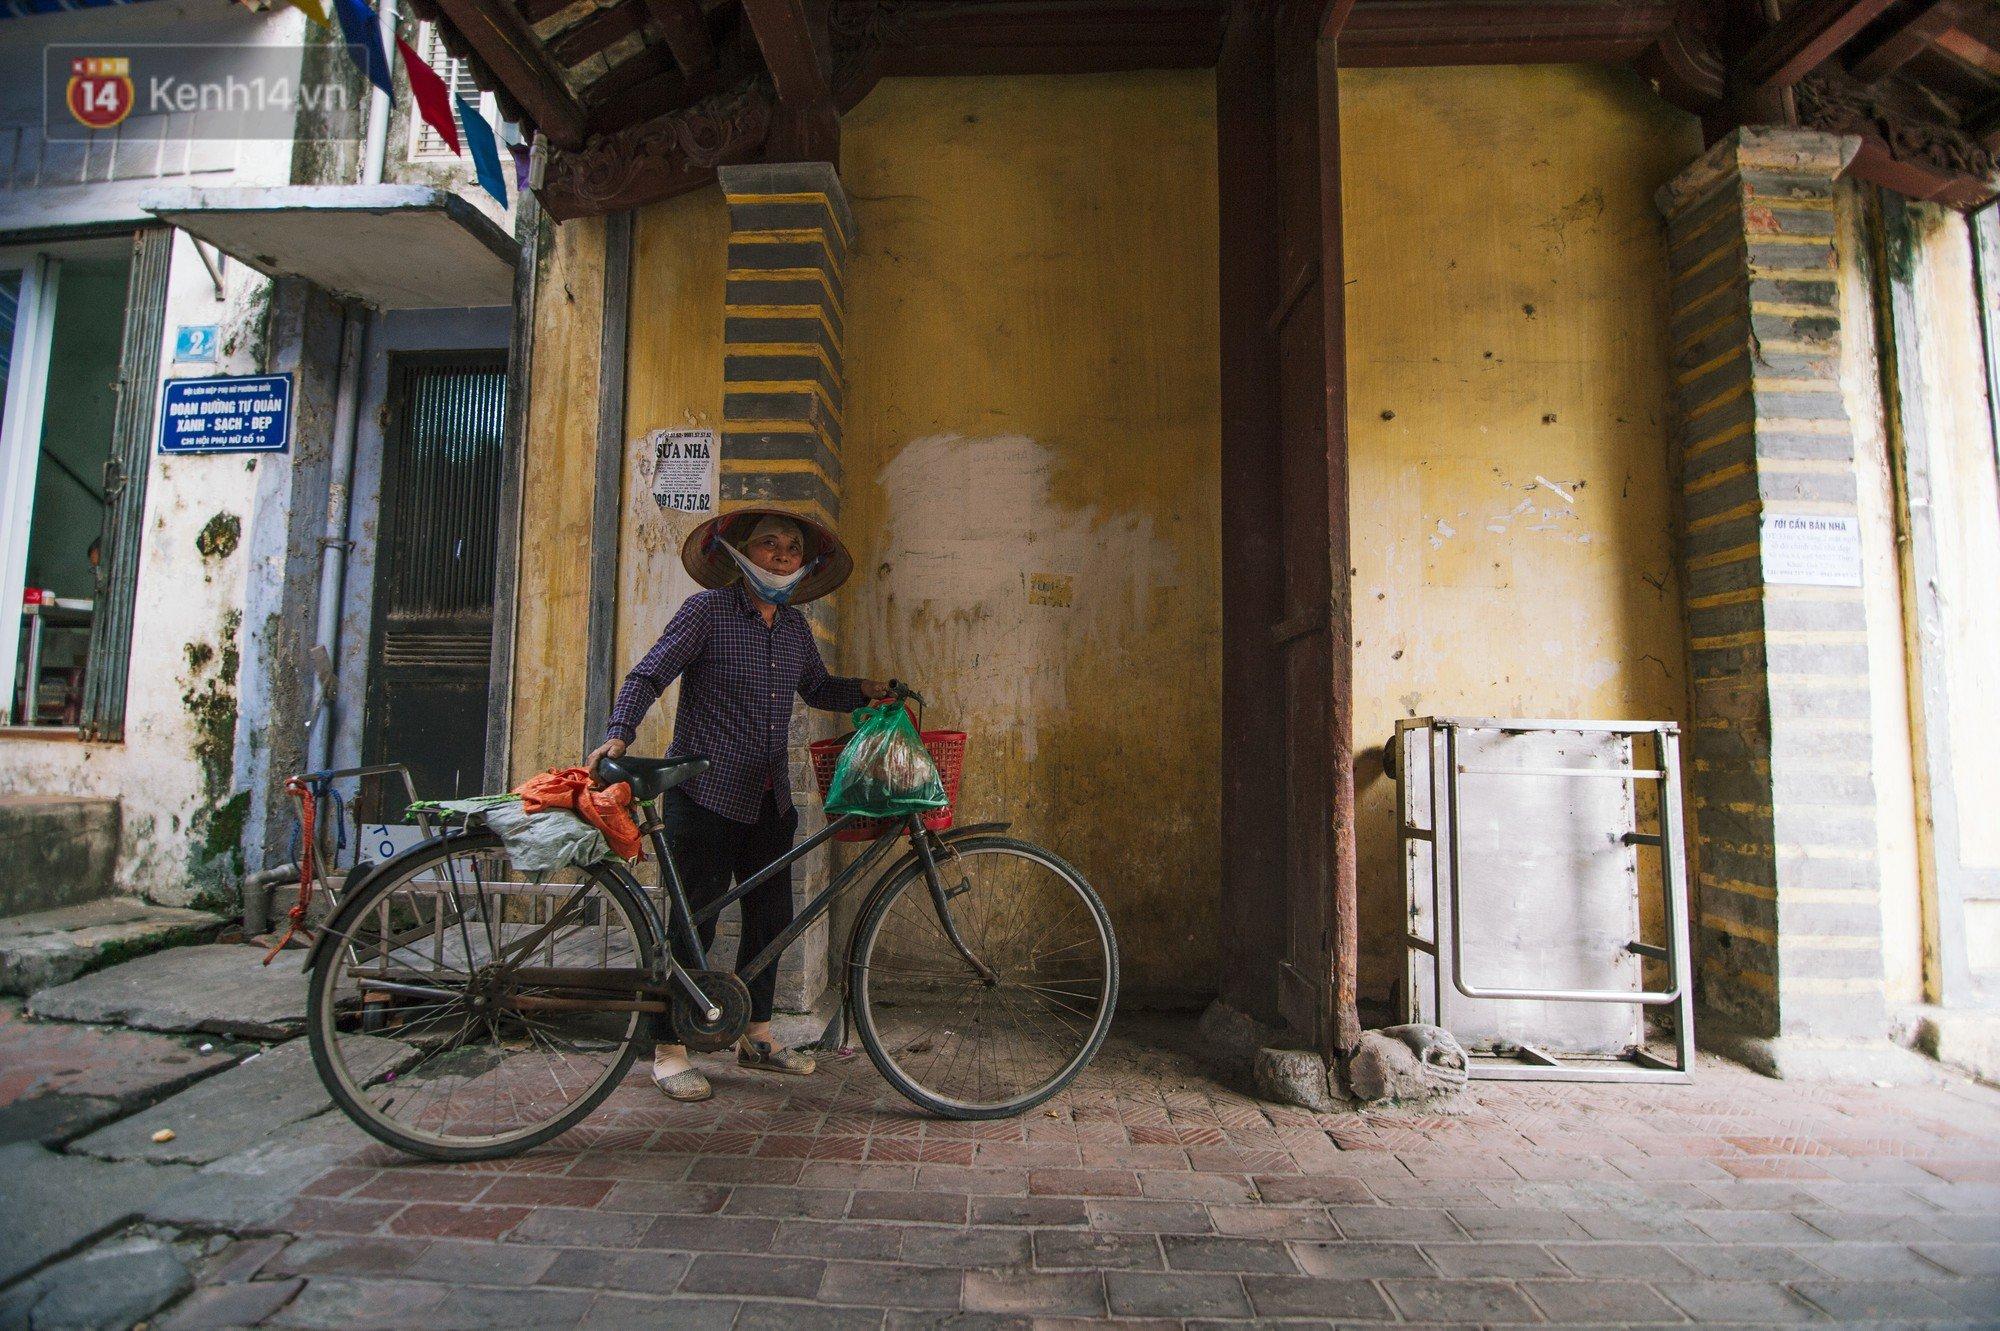 Chuyện về một con phố có nhiều cổng làng nhất Hà Nội: Đưa chân qua cổng phải tôn trọng nếp làng 9